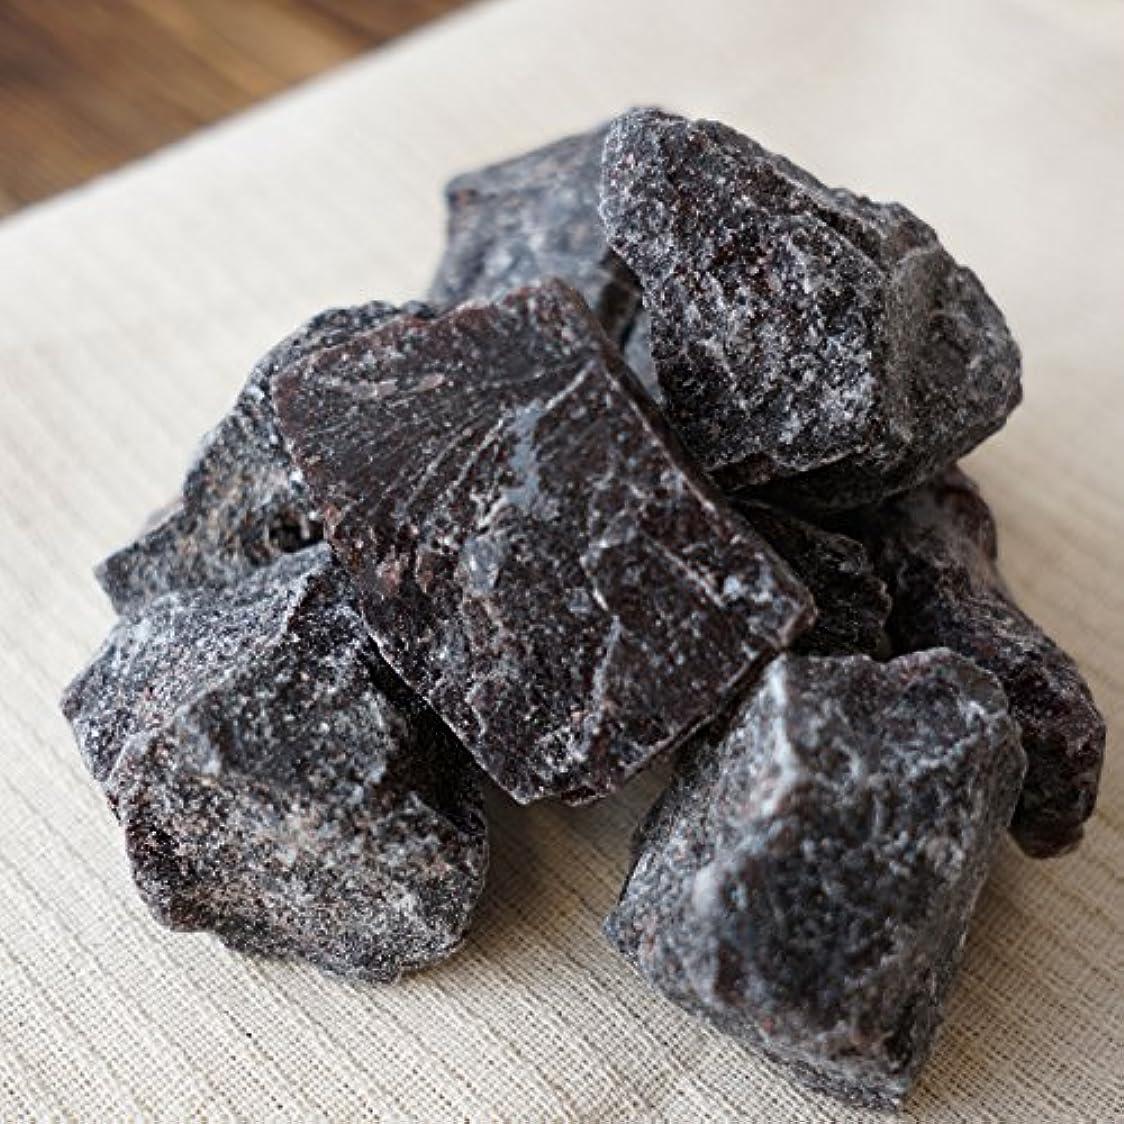 敷居選ぶ農学希少 インド岩塩 ルビー ブロック 約2-5cm 20kg 20,000g 原料